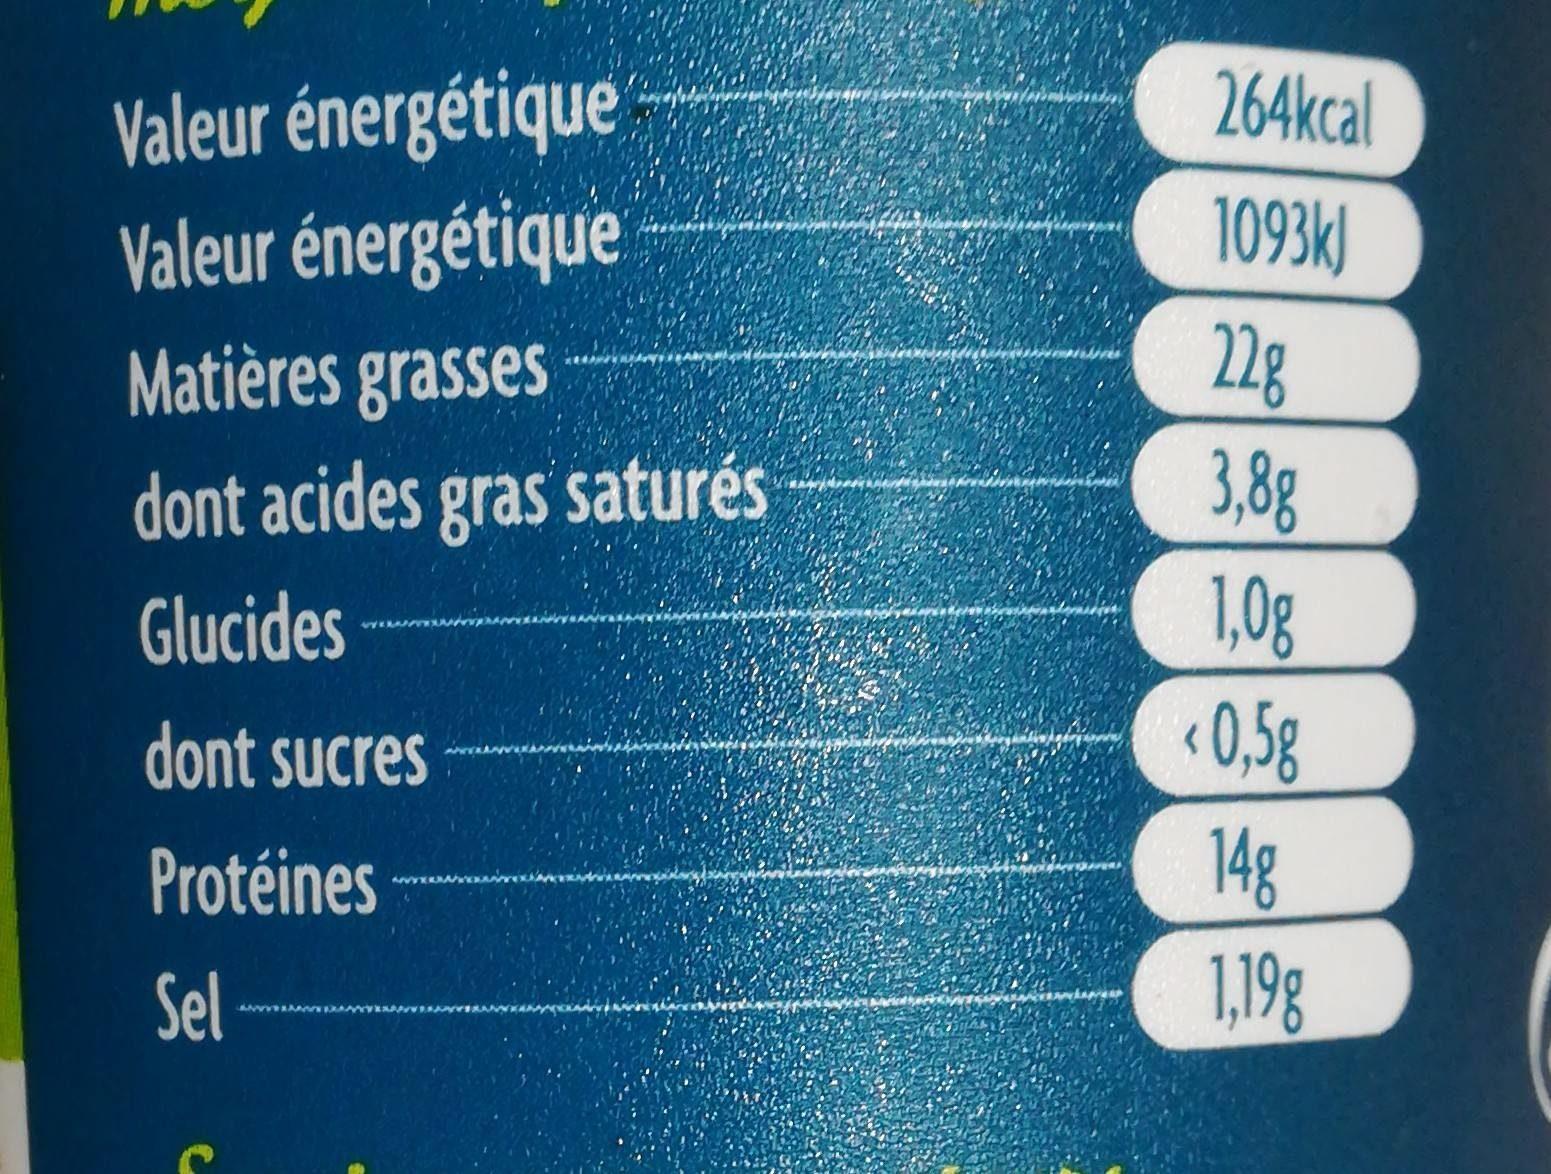 Rillettes De Thon Gastromer, Au Poivre Vert 150g - Informations nutritionnelles - fr